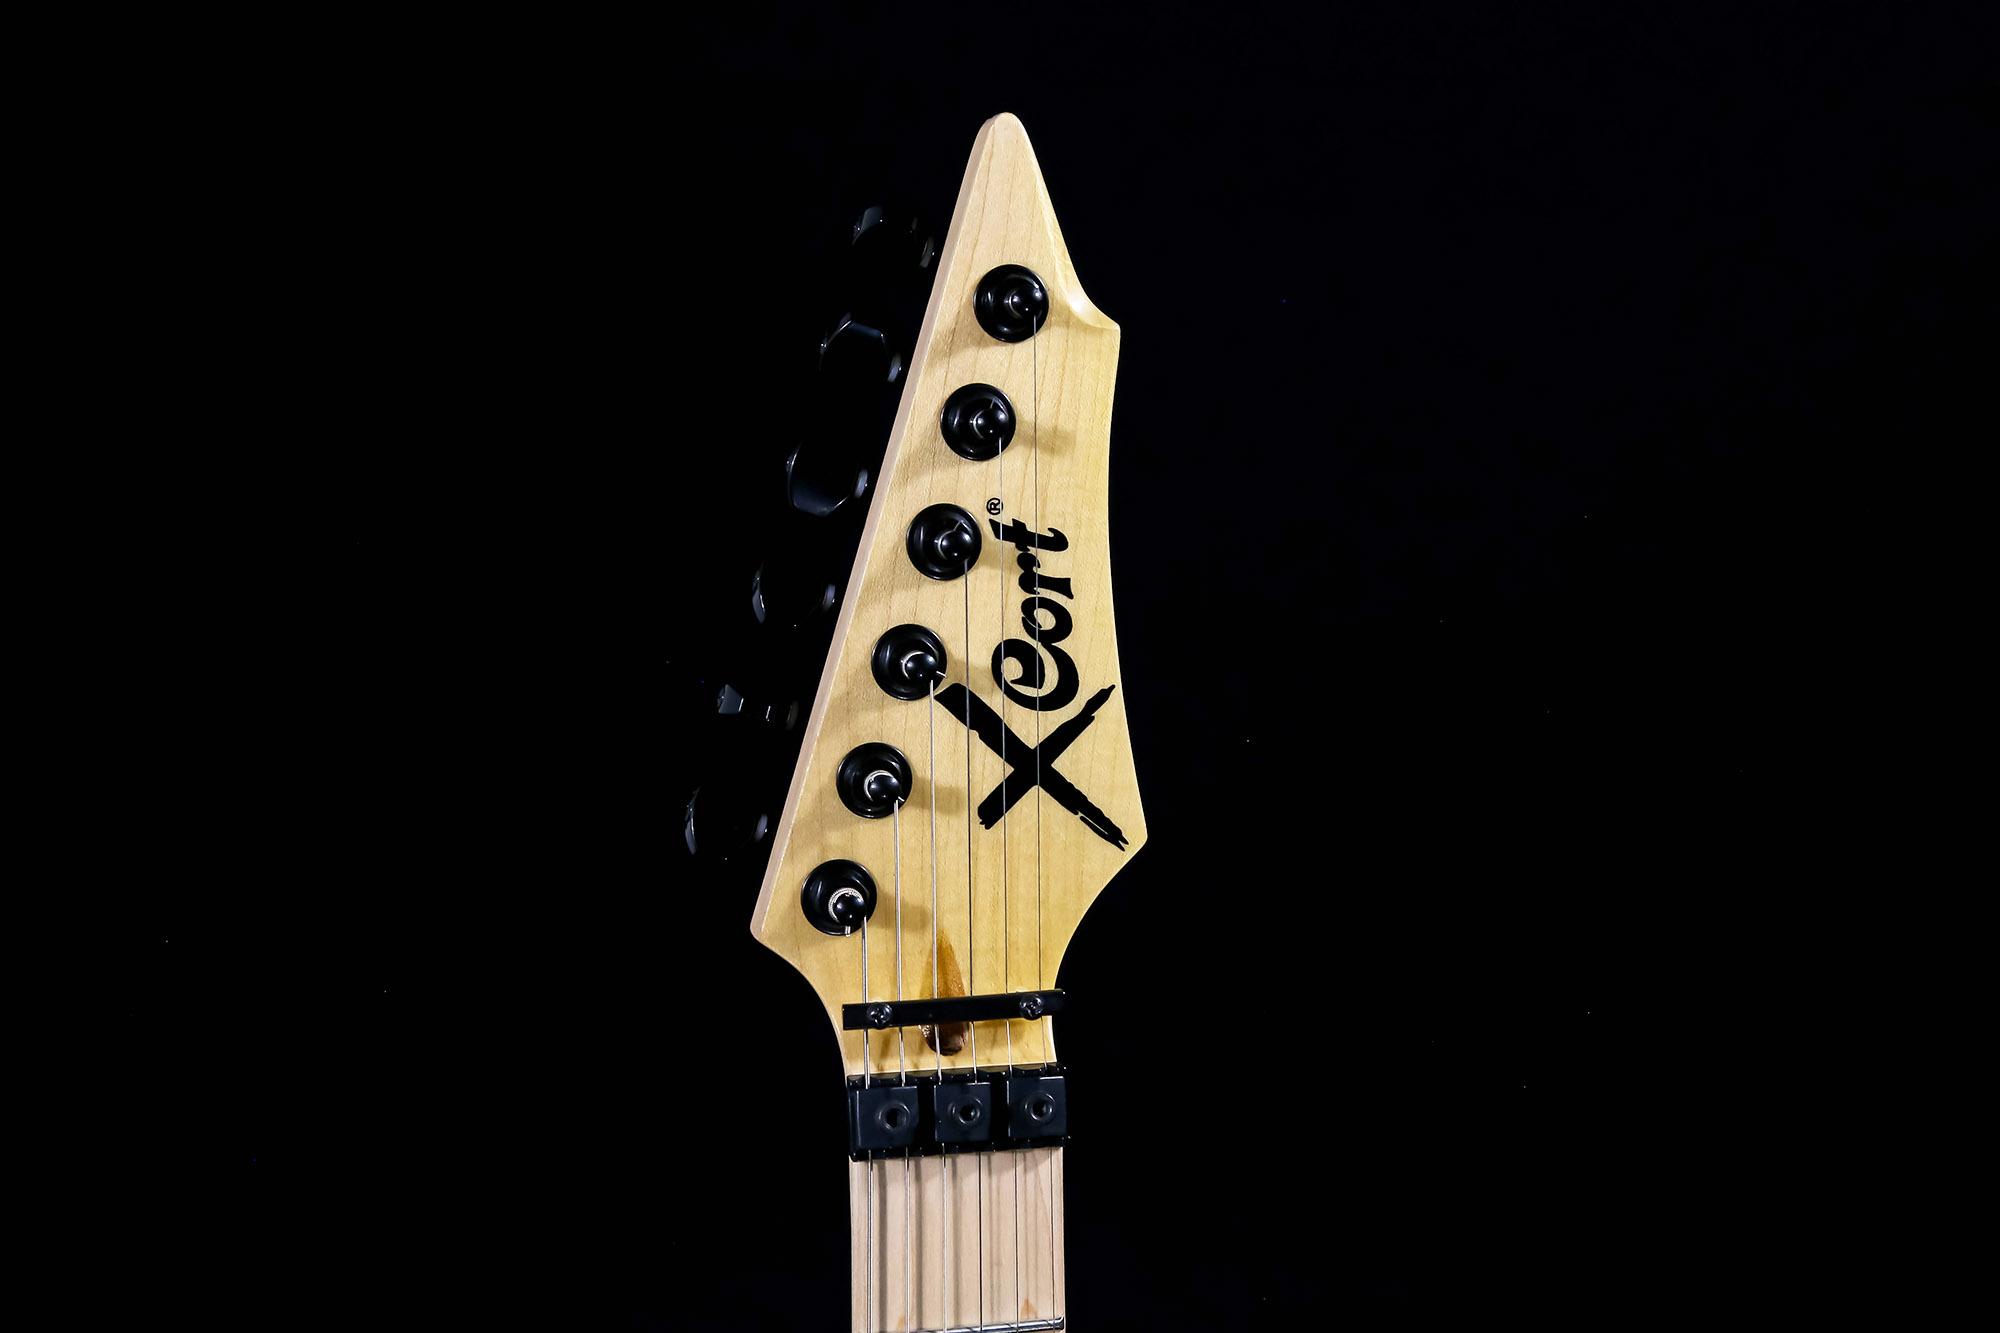 Cort X 11qm Wrb Guitarra Solida C/captação Emg Sro Oc1 + Nfe